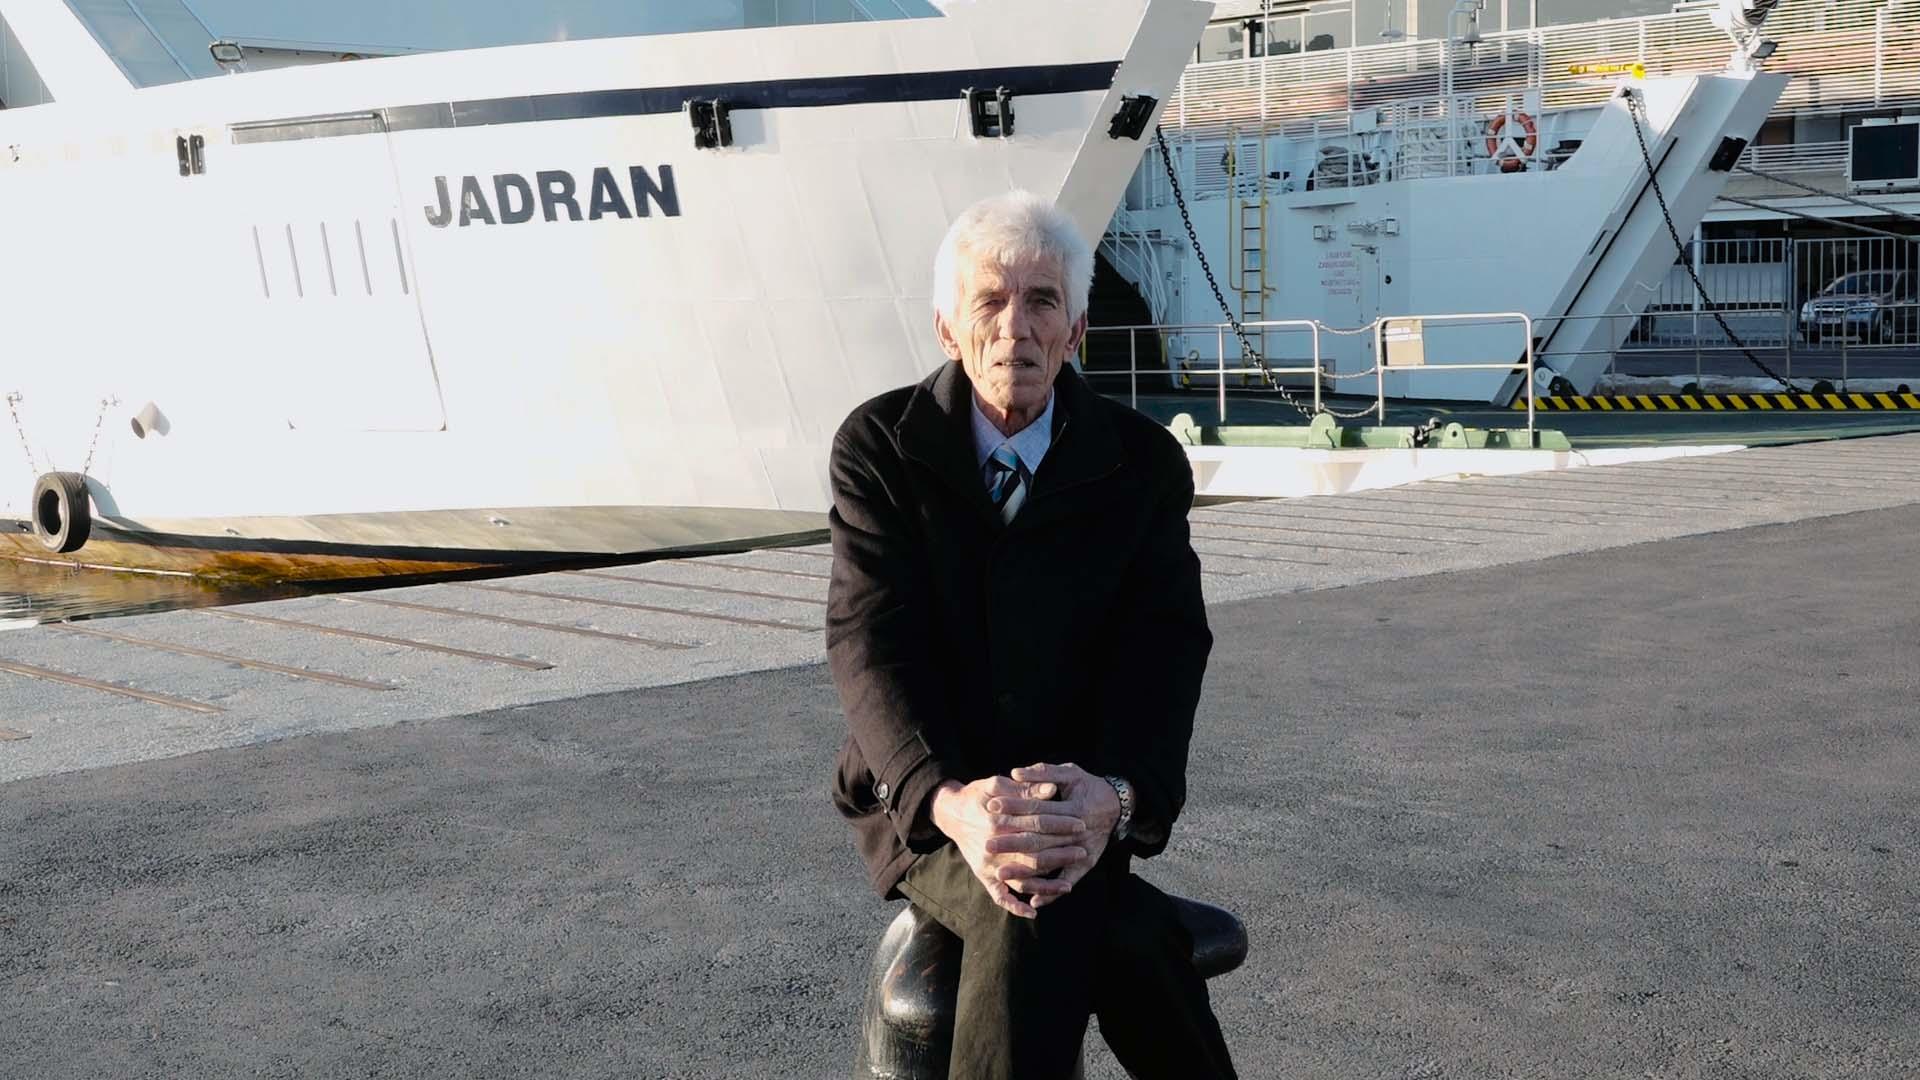 HAK: Trajekt na liniji Vis-Split-Vis, isplovit će pola sata kasnije